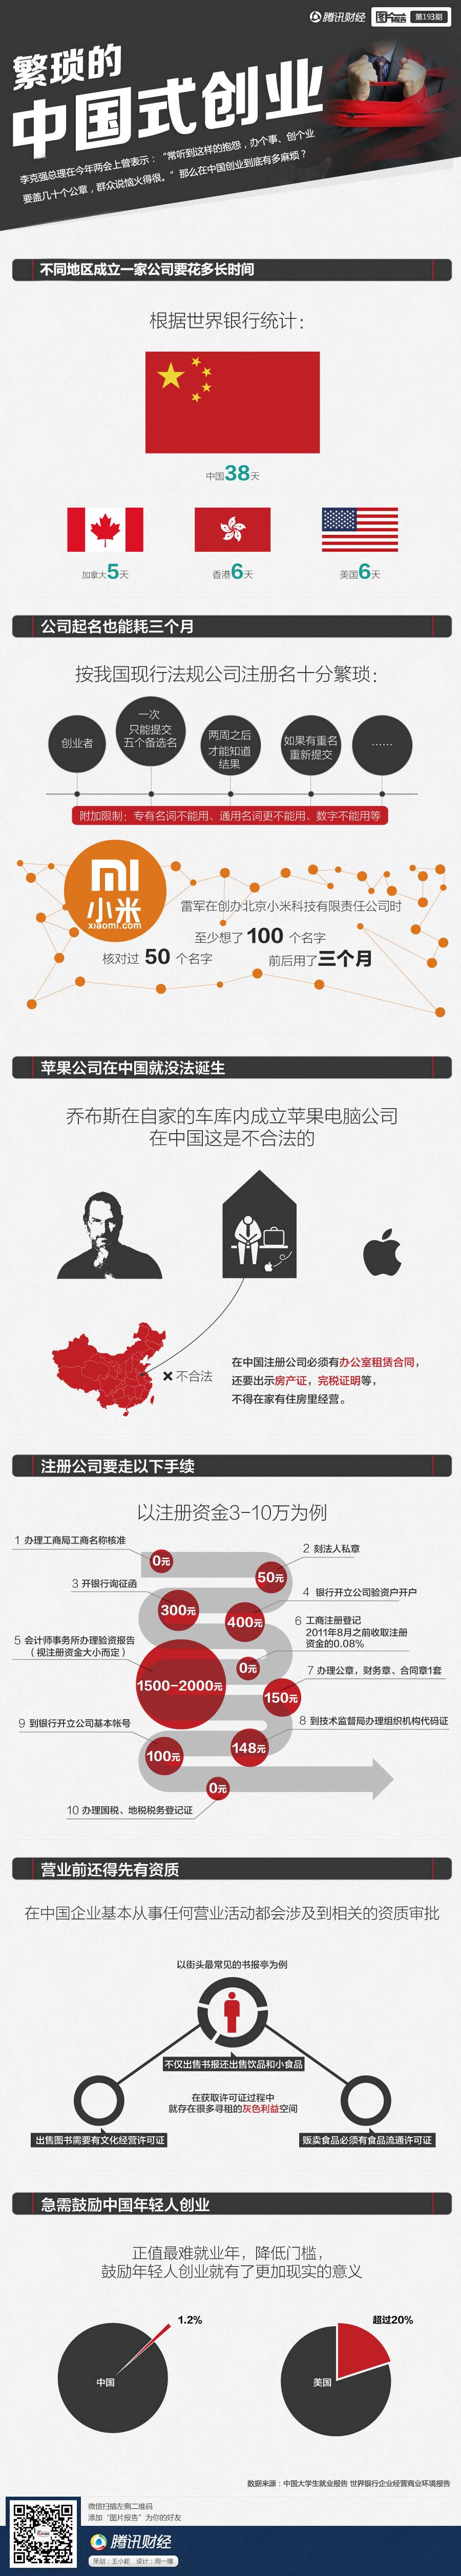 繁琐的中国式创业